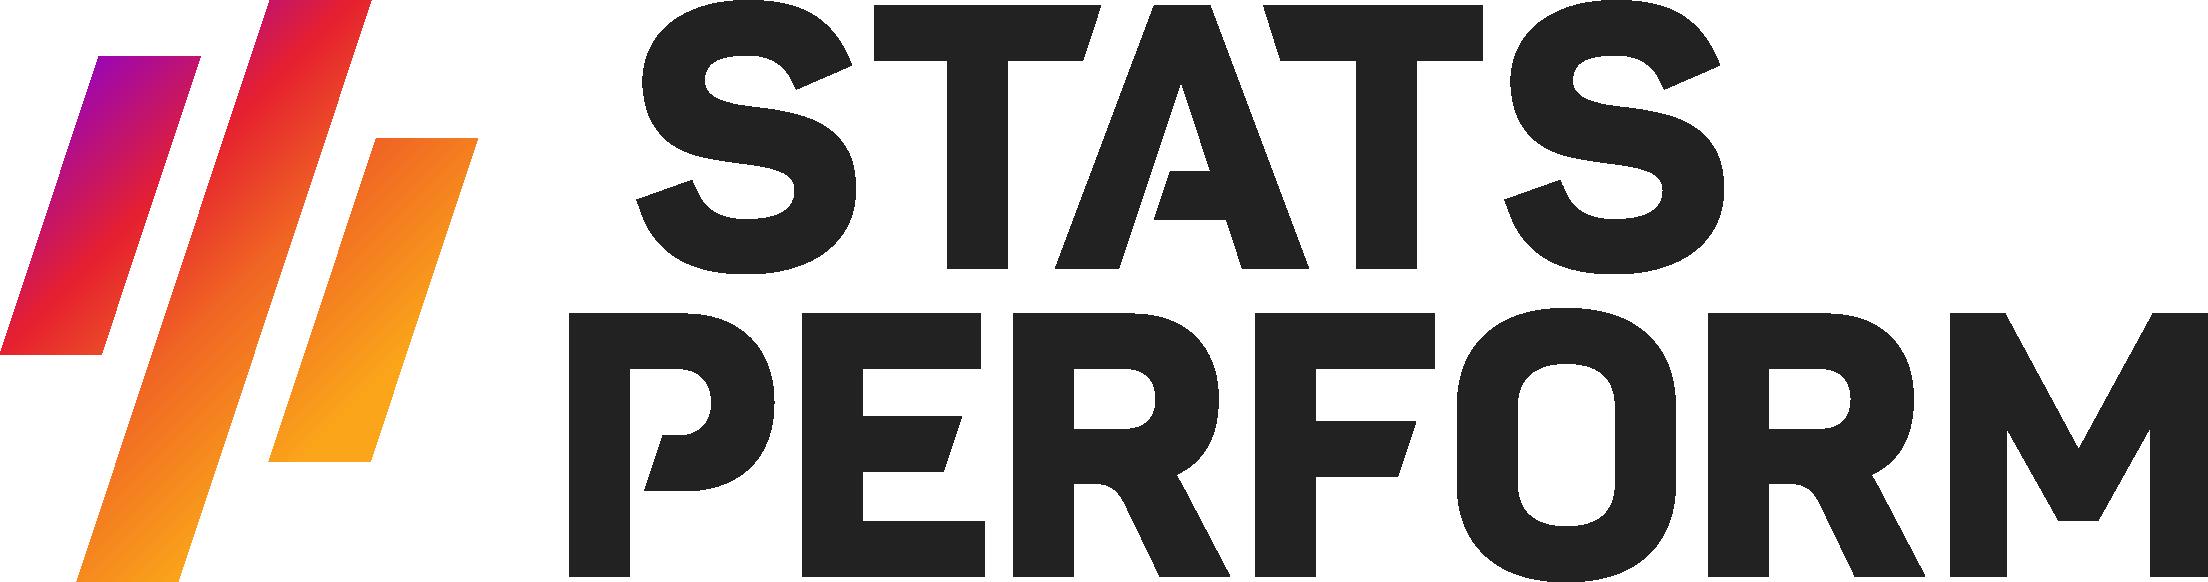 StatsPerform_Logo_Primary_01